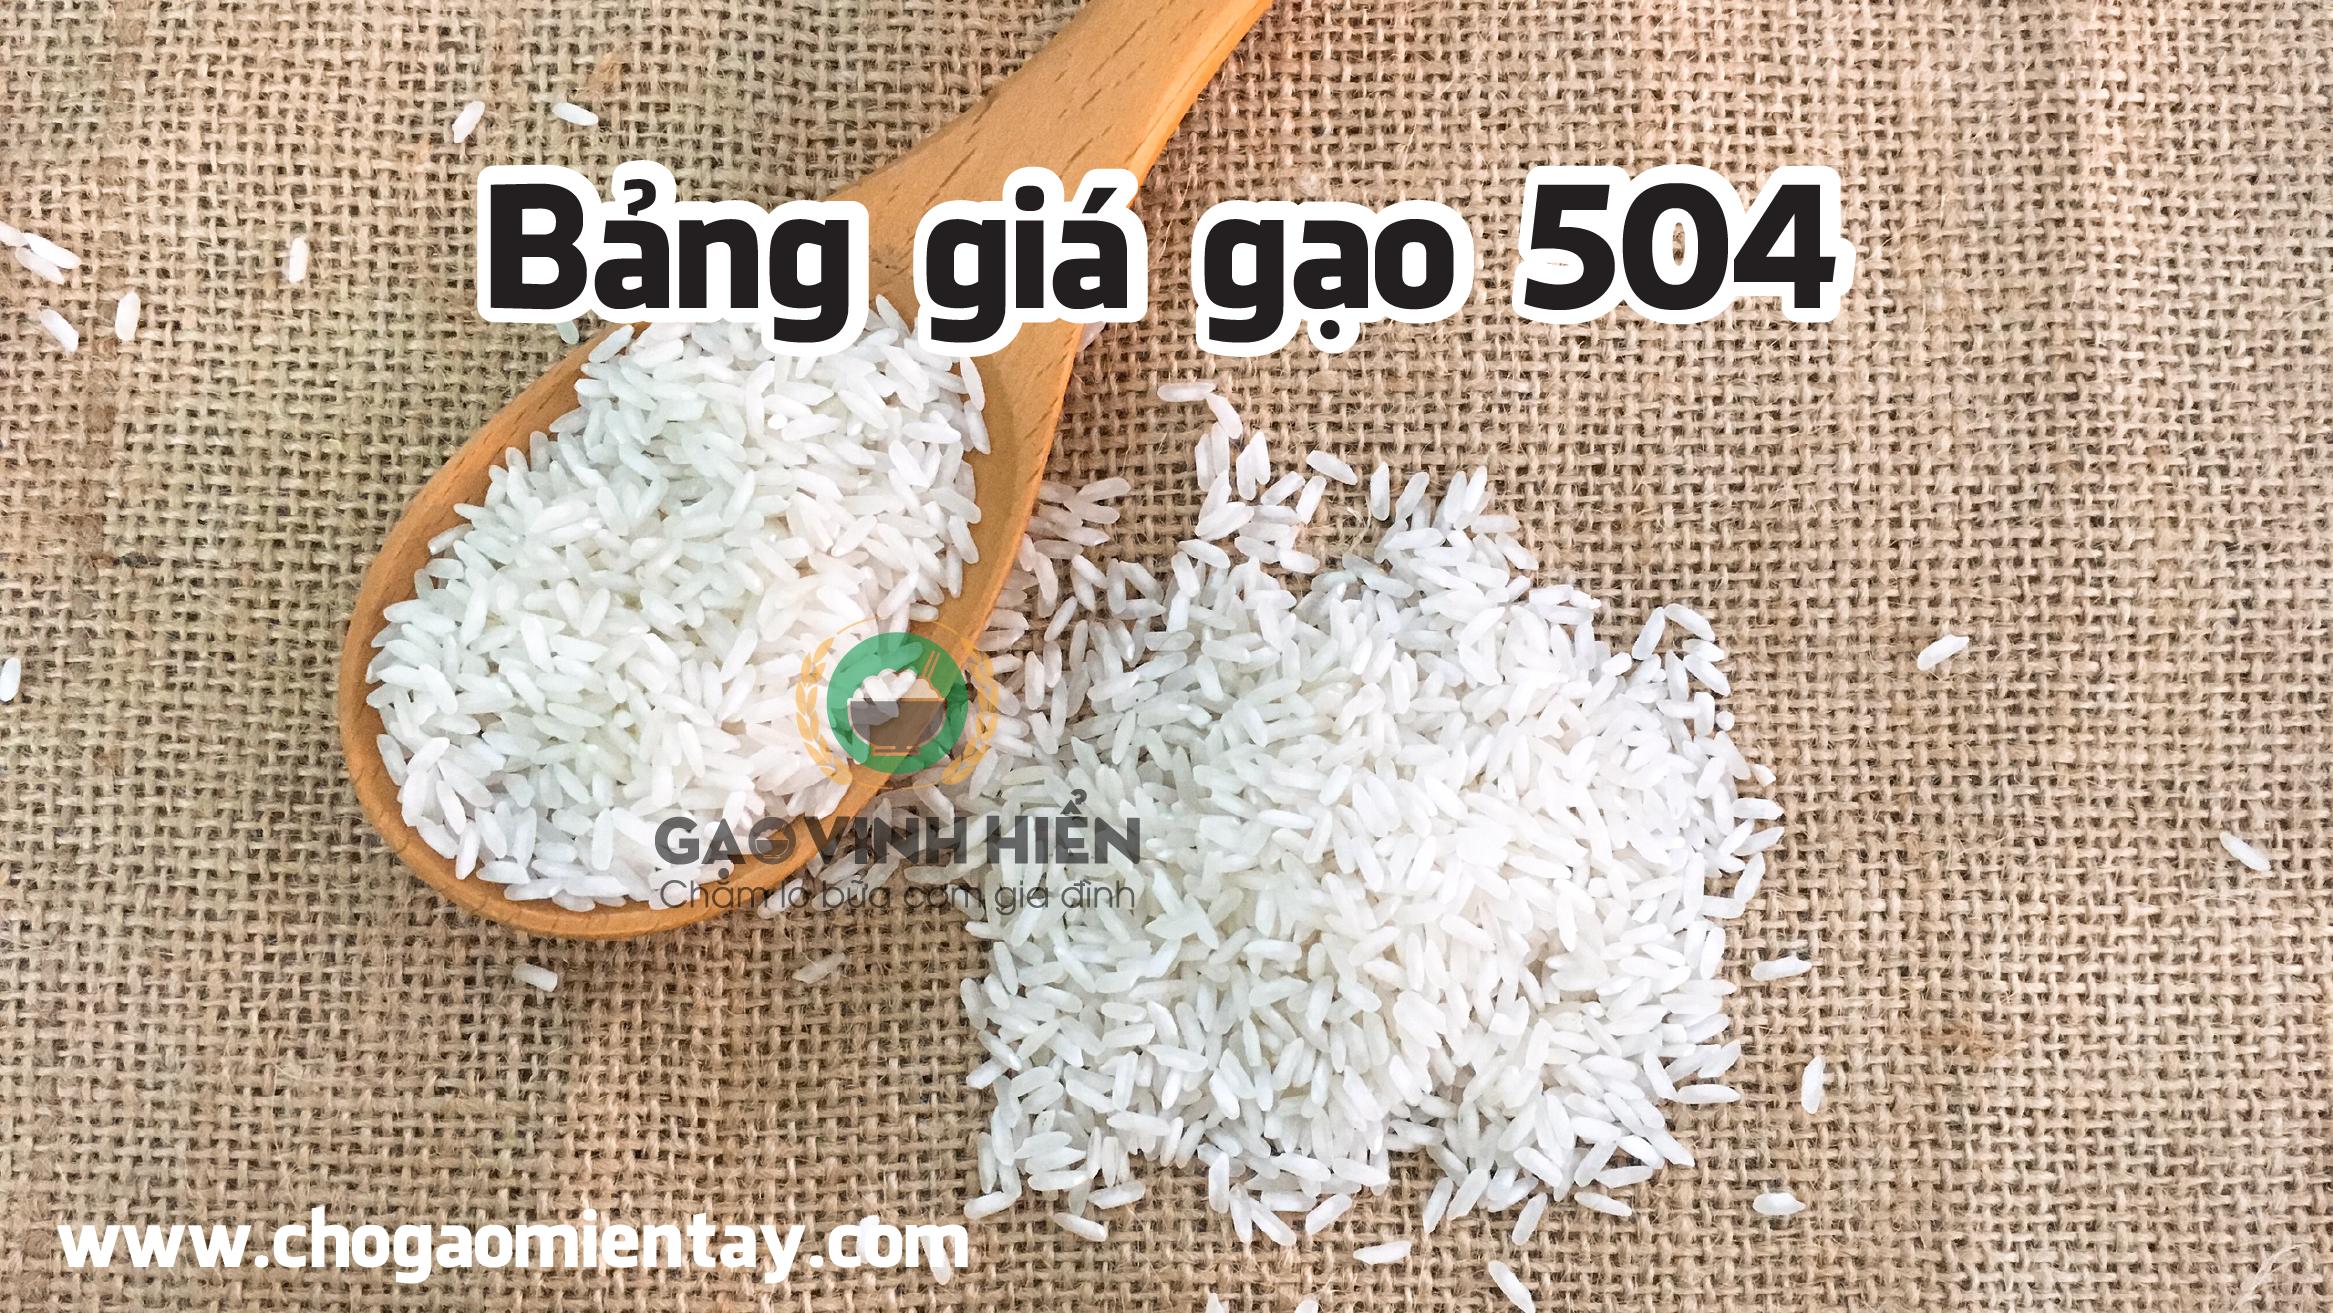 Bảng giá gạo 504 - Chợ gạo miền tây